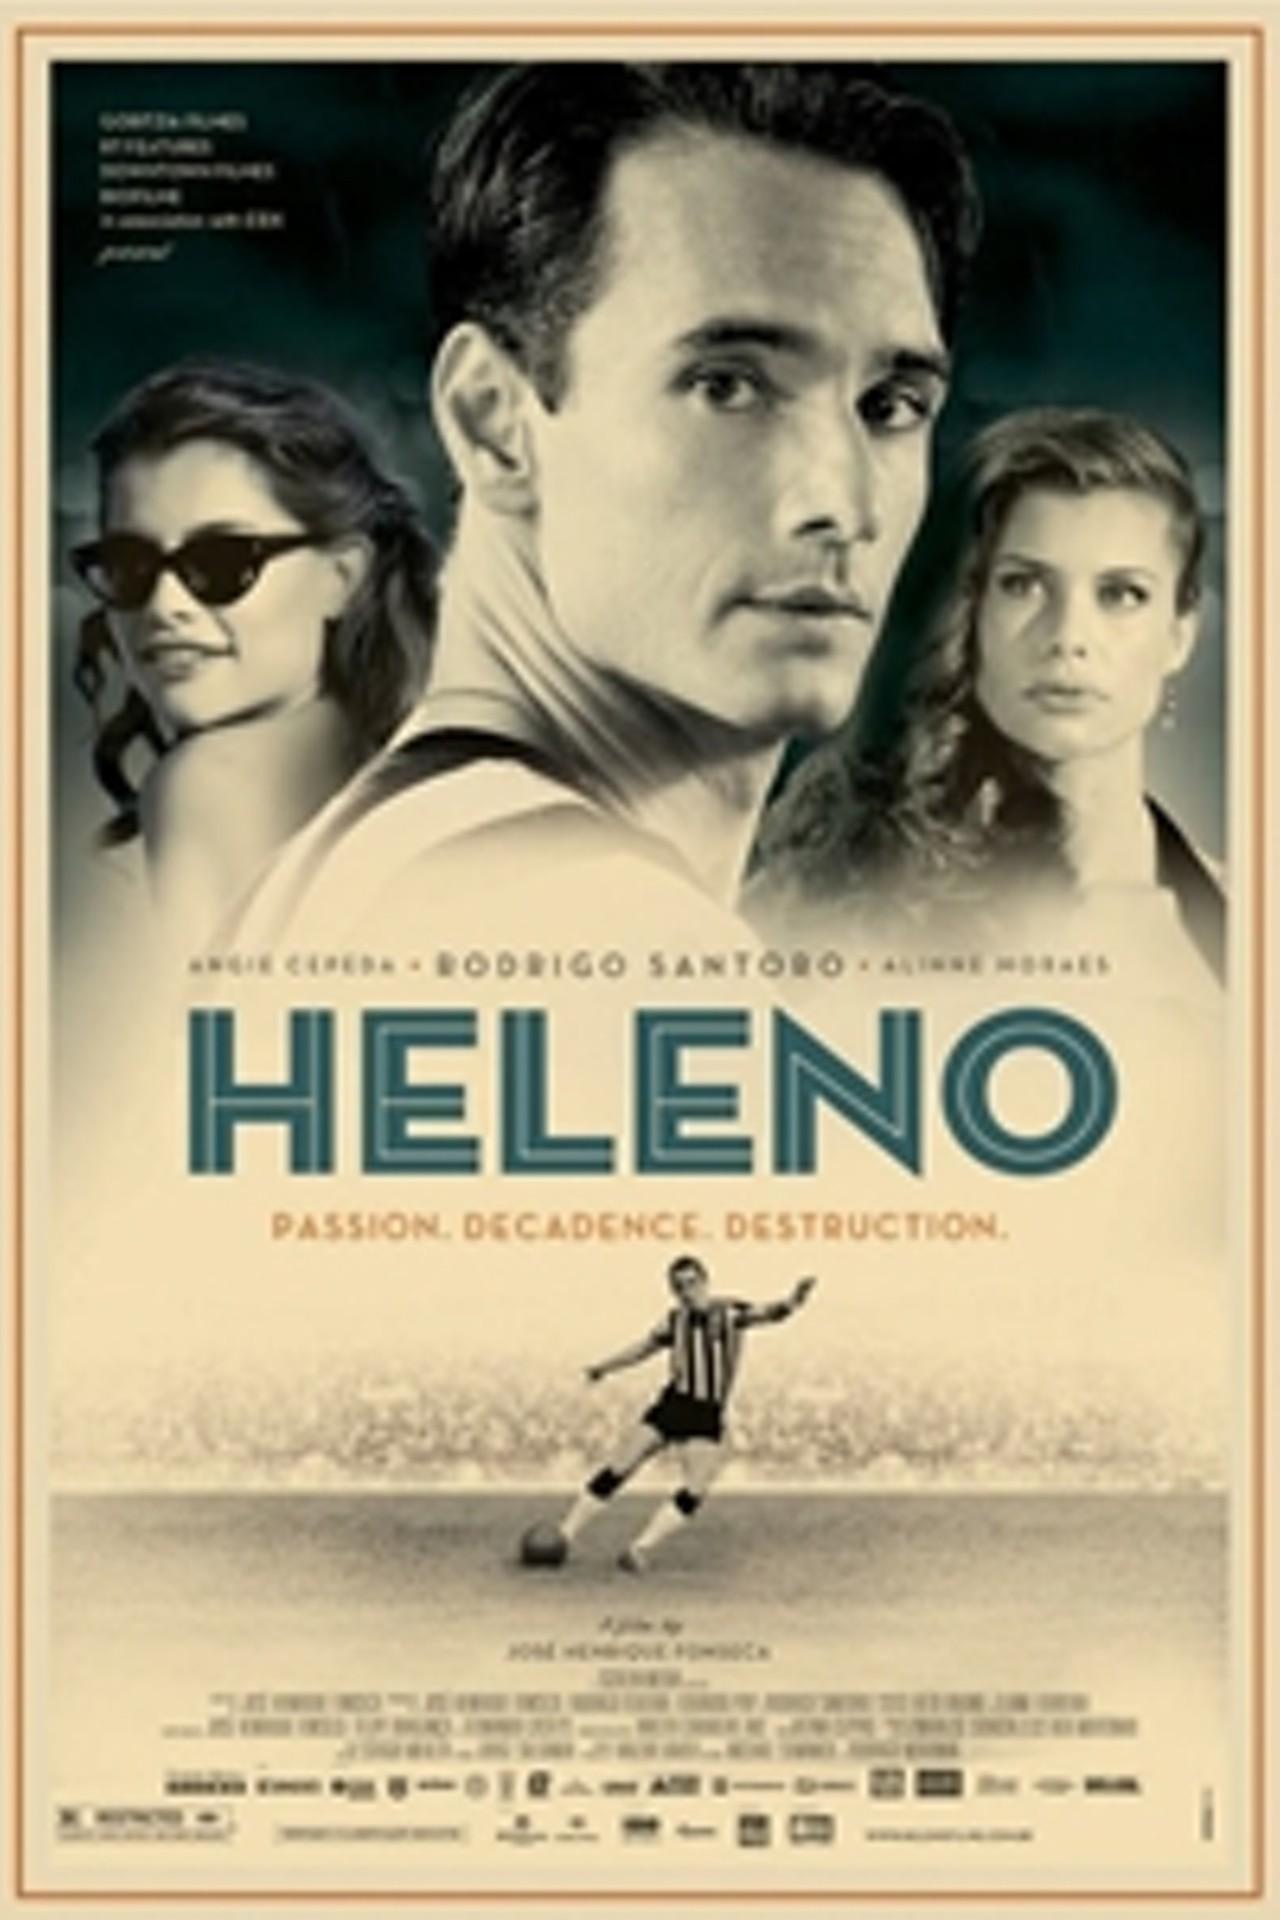 Angie Cepeda Scene heleno | cleveland scene